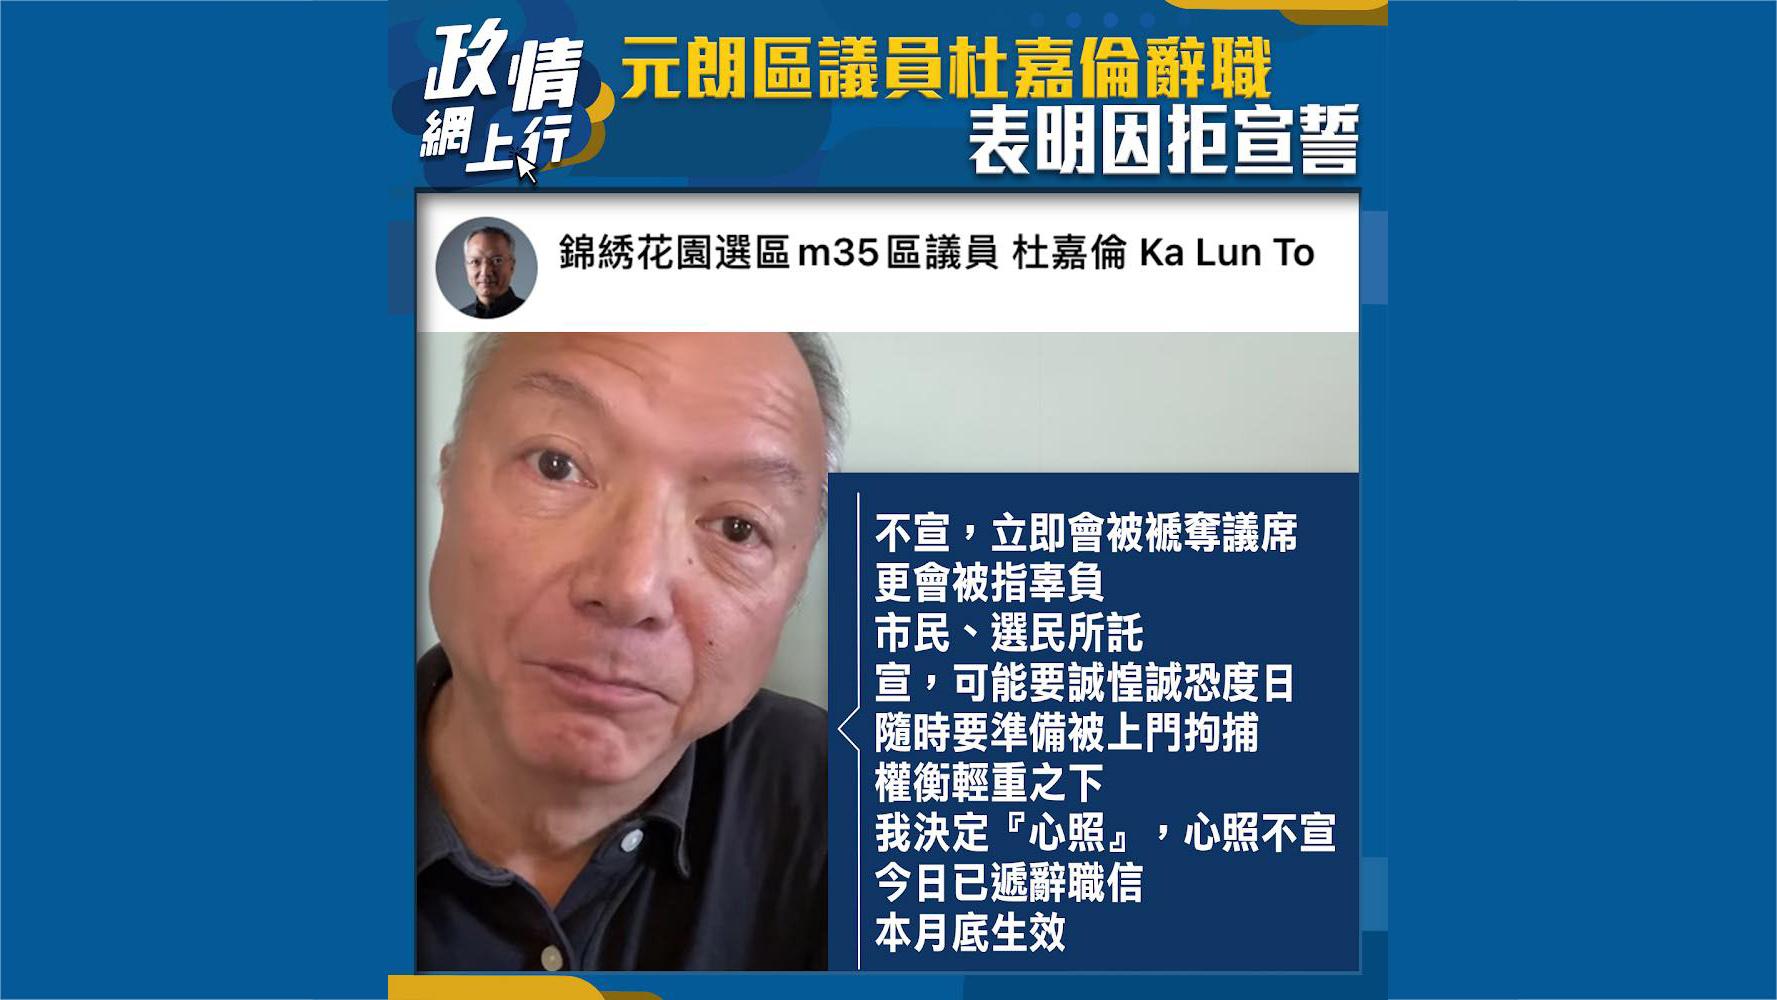 【政情網上行】元朗區議員杜嘉倫辭職 表明因拒宣誓